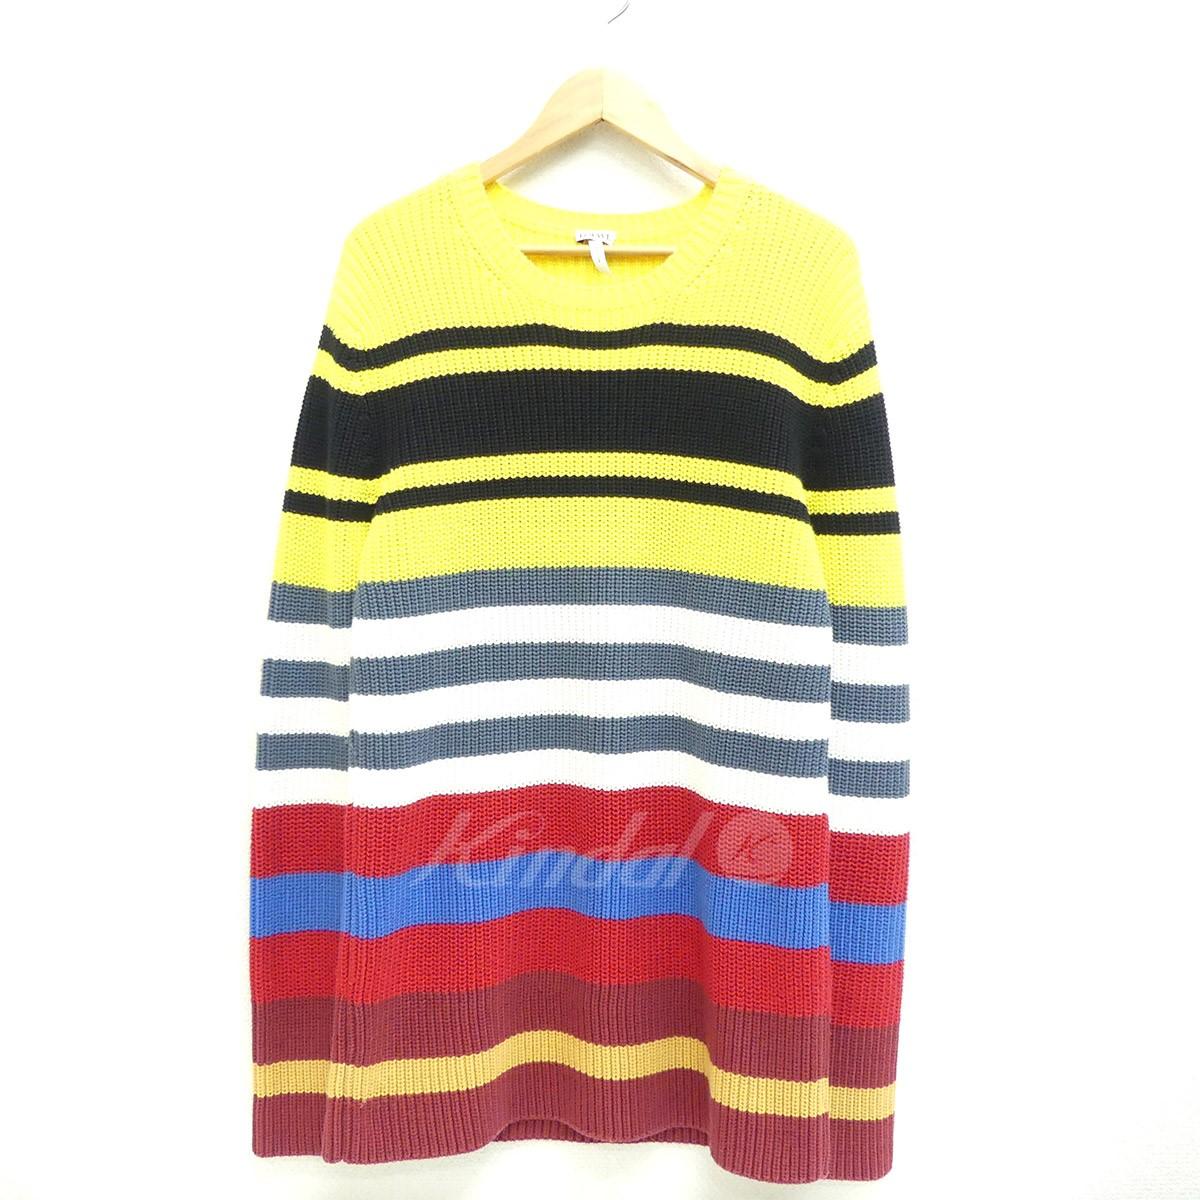 【中古】LOEWE Multicolored Striped Sweater 2015AW マルチカラー サイズ:S 【送料無料】 【221018】(ロエベ)